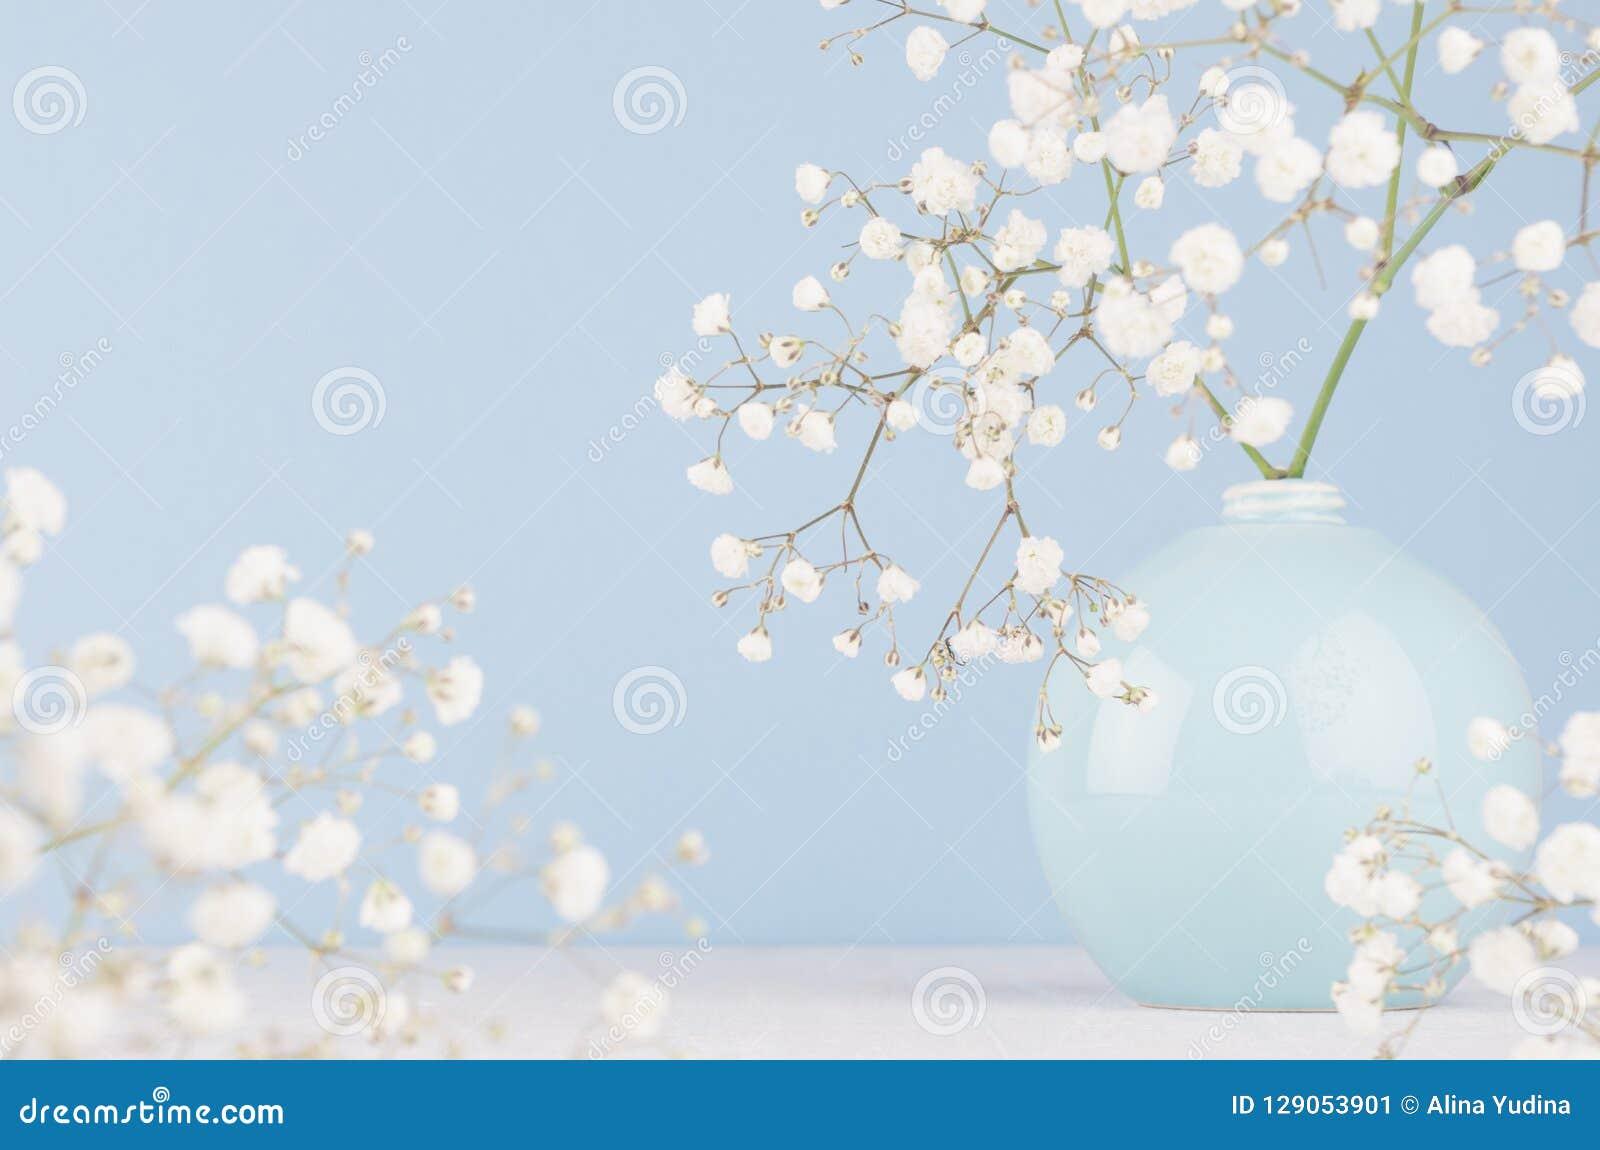 Verzacht elegant boeket van kleine bloemen in ceramische cirkelkom op zachte pastelkleur blauwe achtergrond